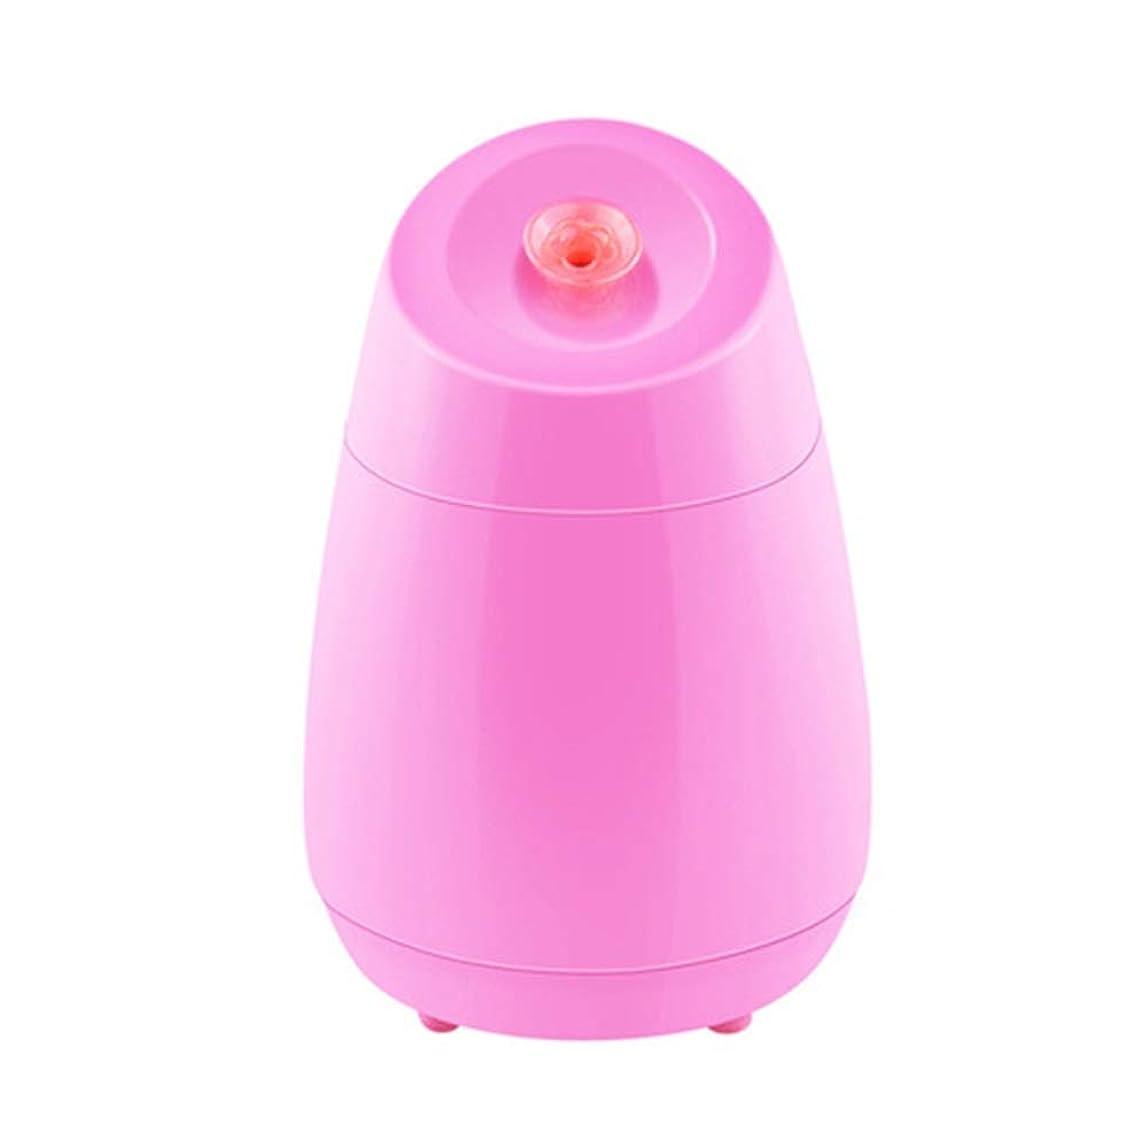 つらいパブ追加ZXF ナノスプレー水道メーター美容機器ABS材料ホットスプレーフルーツと野菜の蒸し顔ホームフェイシャルフェイシャルフェイスブルーセクションピンク 滑らかである (色 : Pink)